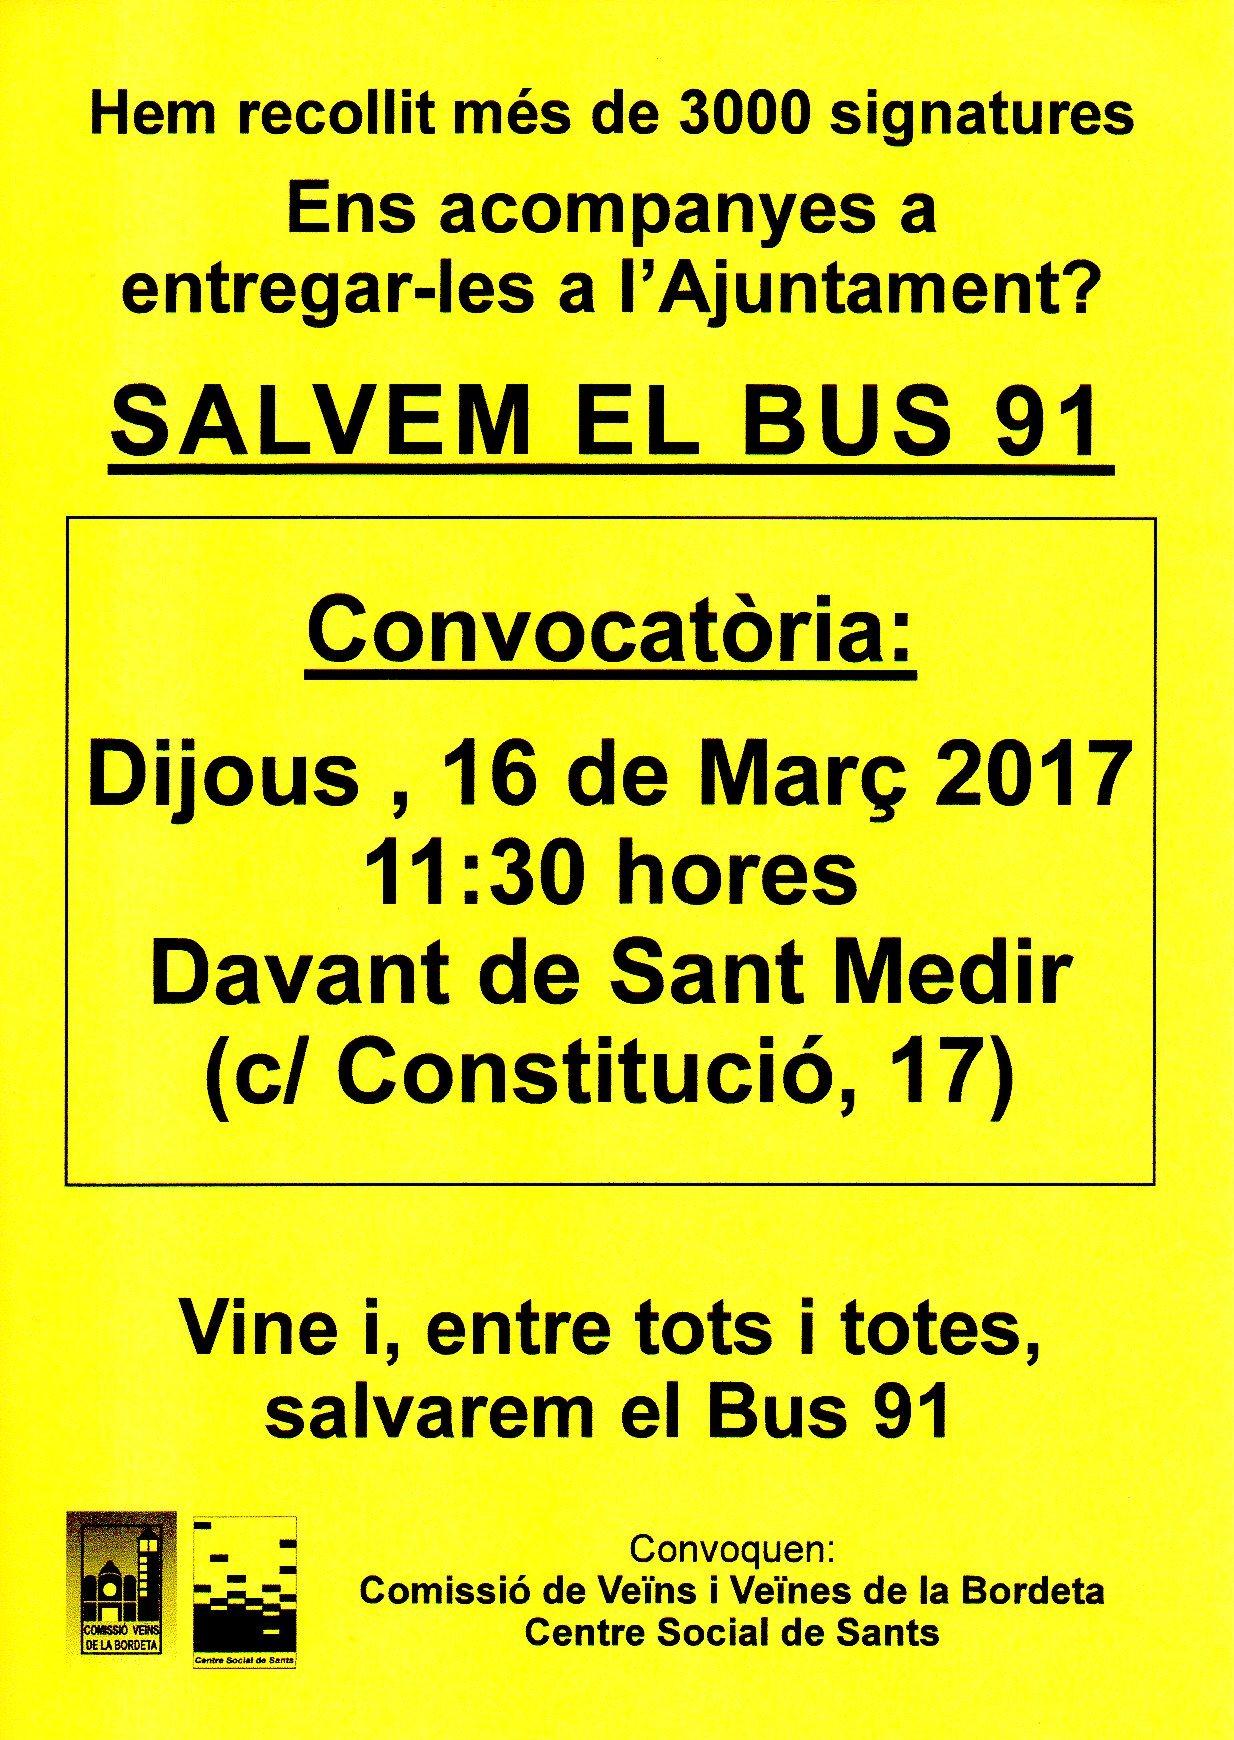 20170316 Entrega signatures al Districte